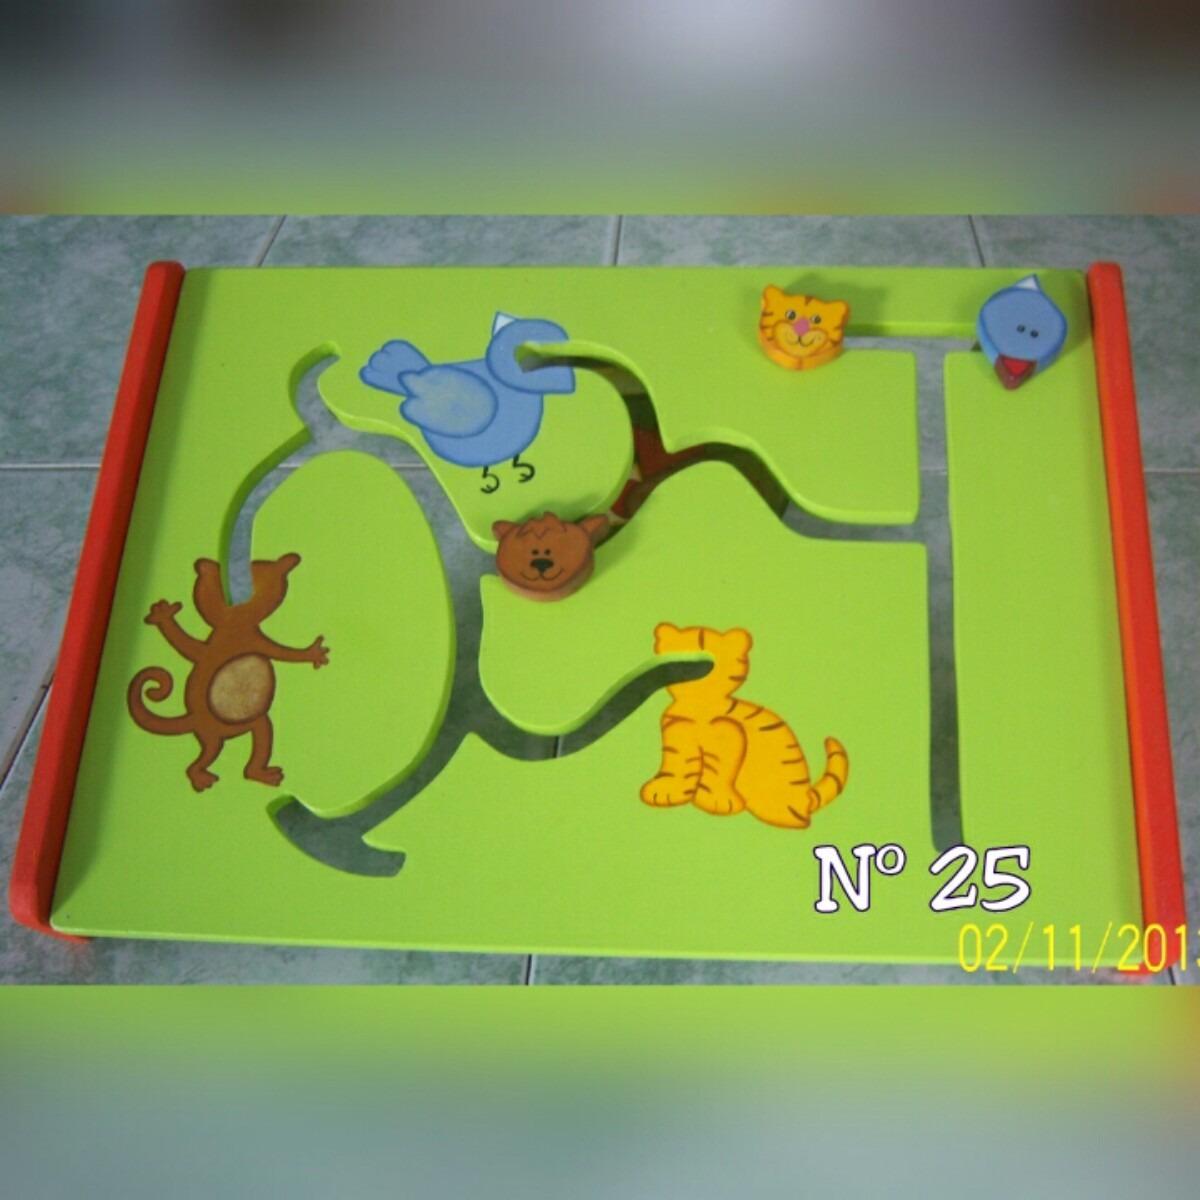 Juegos Didacticos Educativos Y Recreativos En Mdf Bs 9 000 00